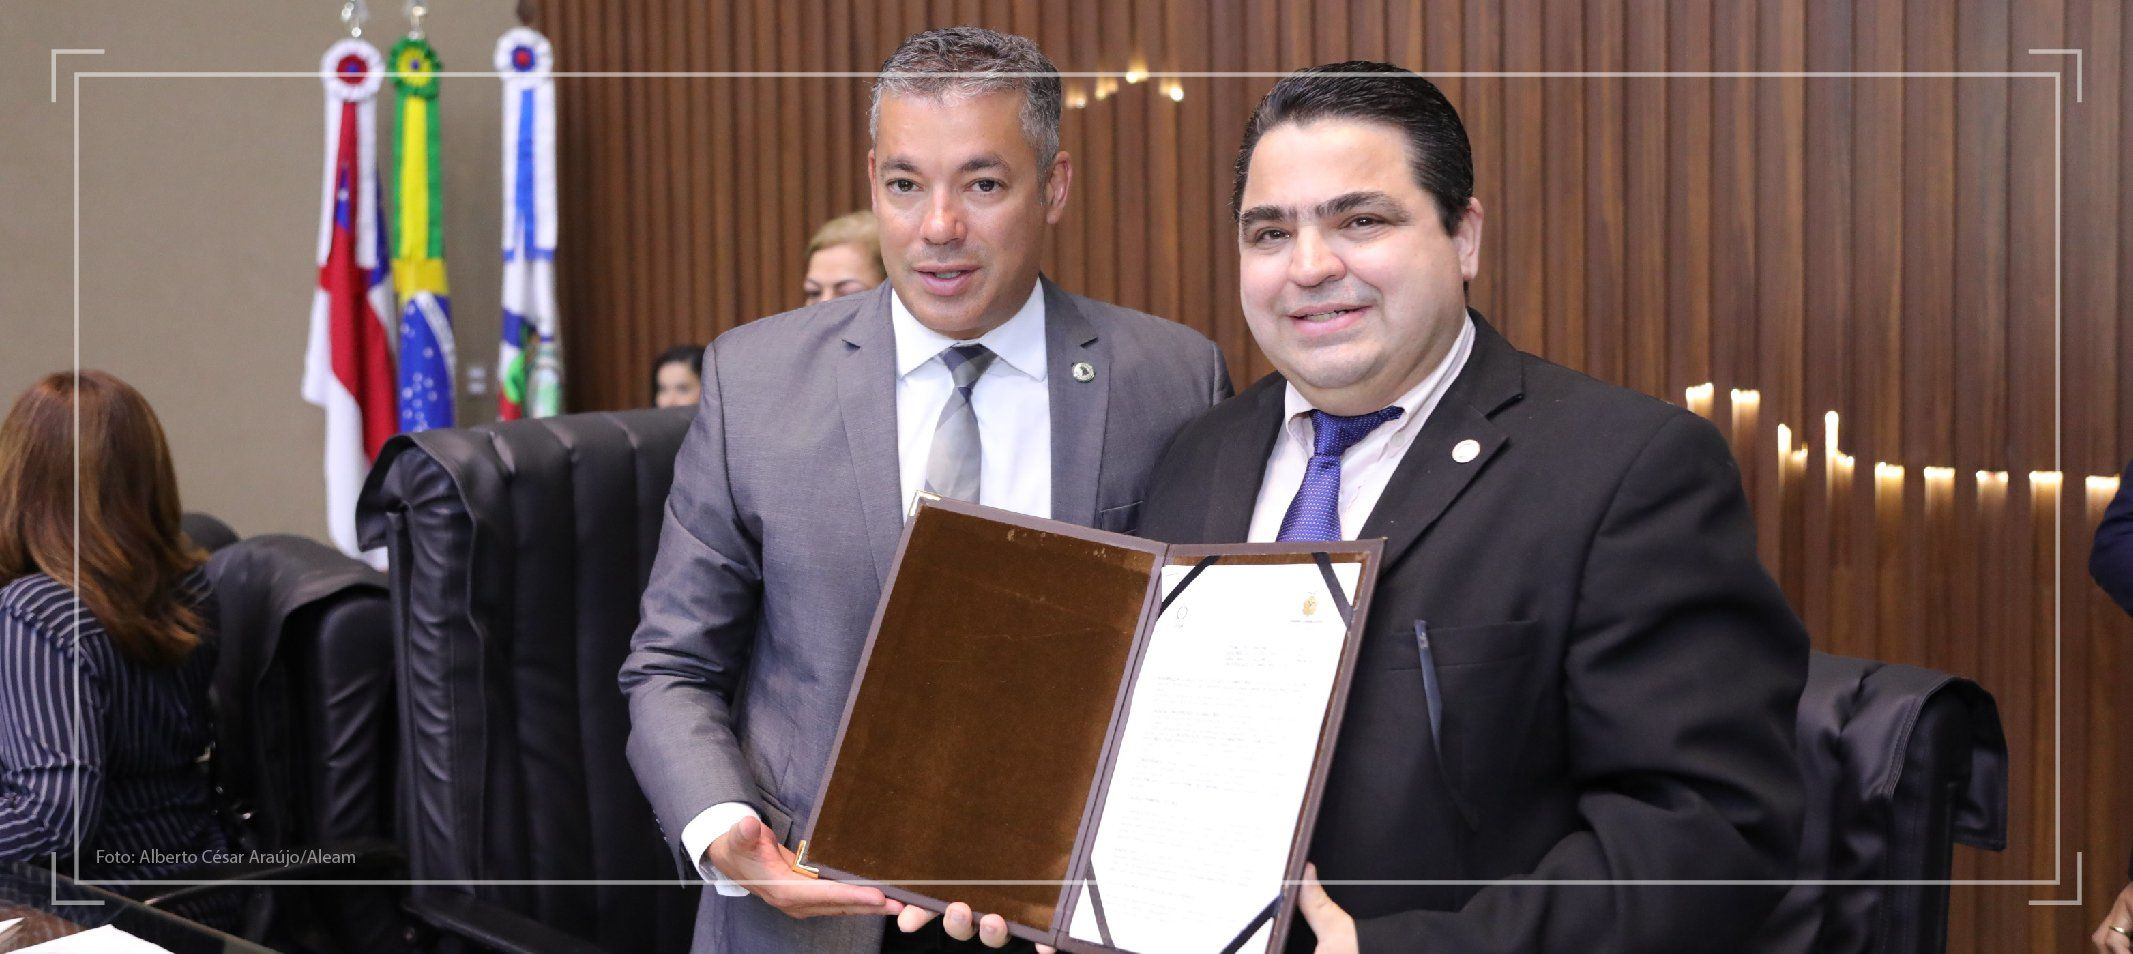 Ufam e Assembleia Legislativa assinam convênio para capacitação de servidores do poder Legislativo